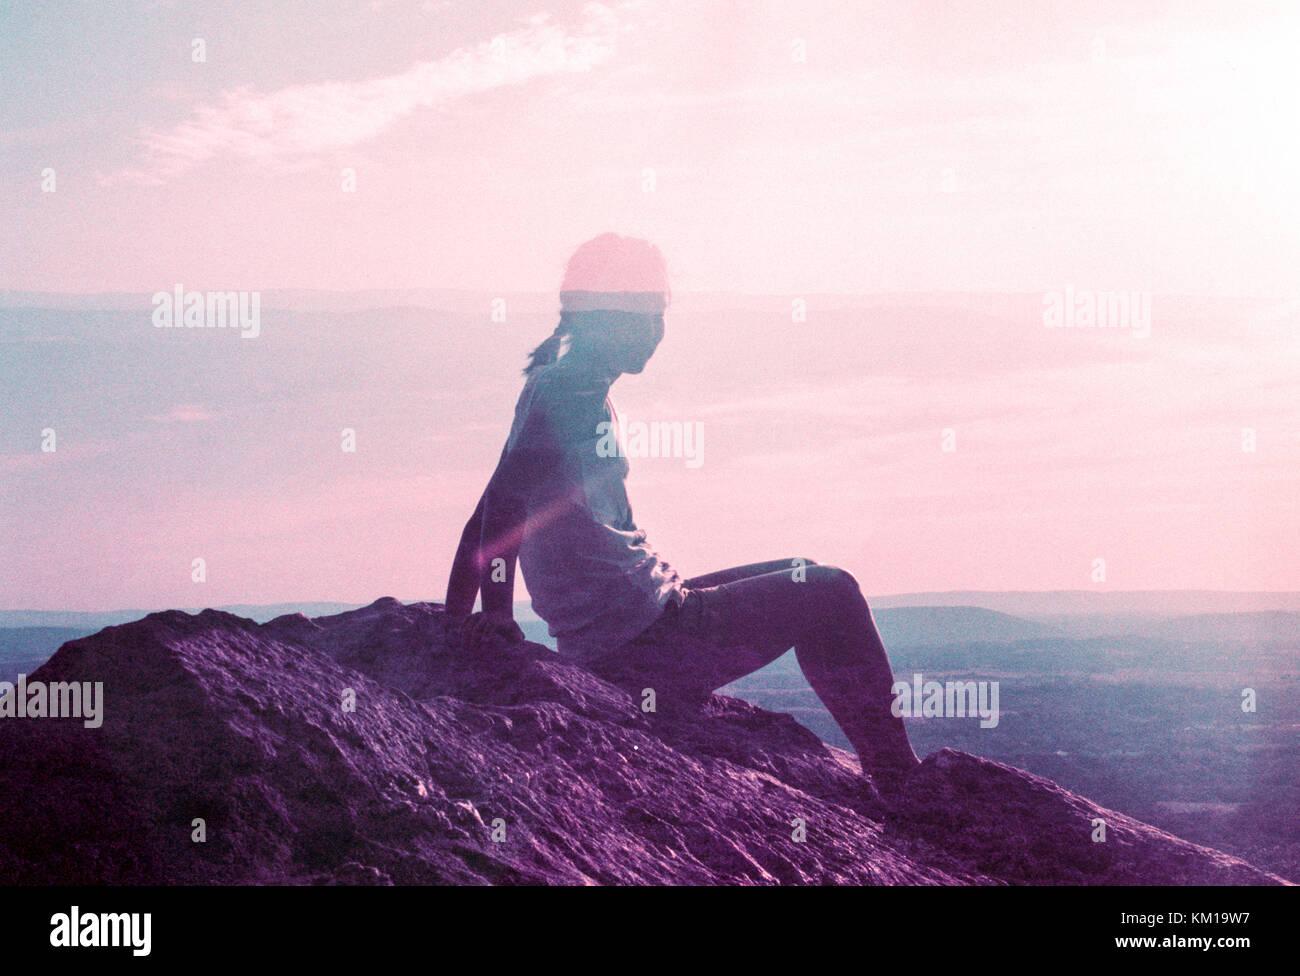 Doppelbelichtung Frau auf Felsen mit Blick auf die Landschaft bei Sonnenaufgang Stockbild